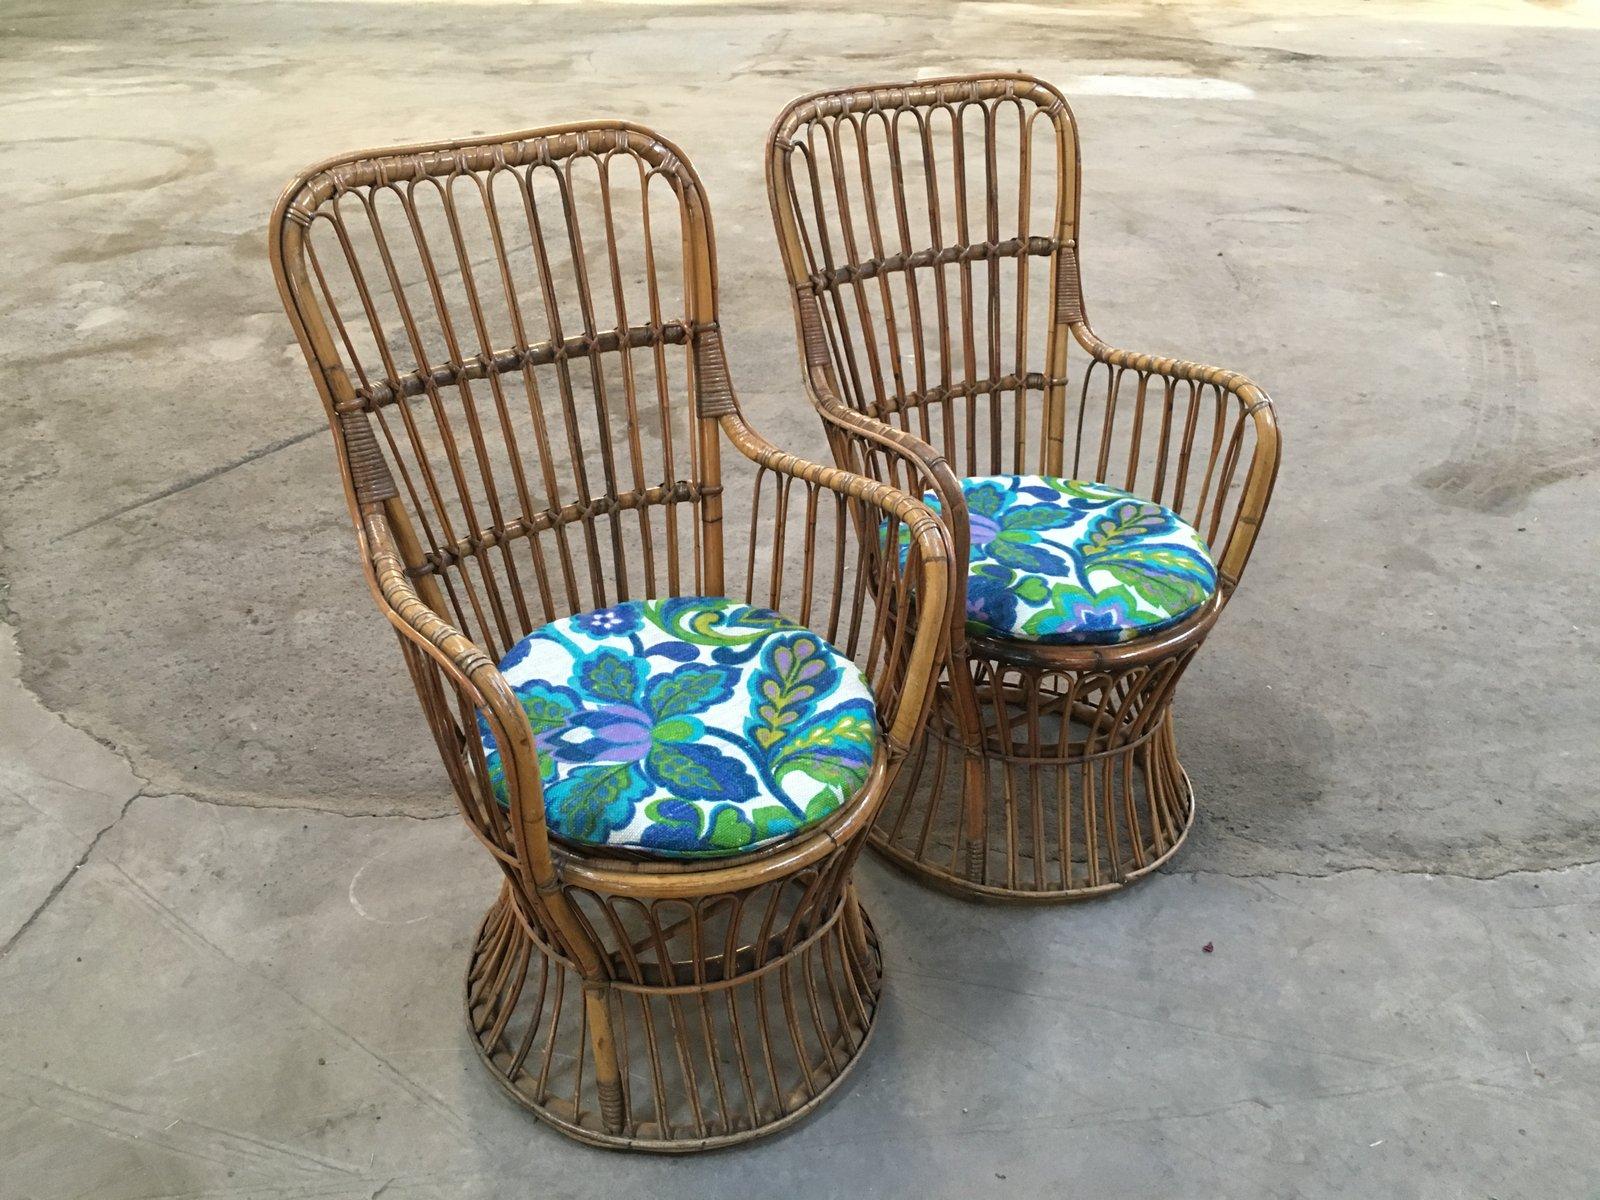 italienische bambus rattan armlehnst hle beistelltisch. Black Bedroom Furniture Sets. Home Design Ideas